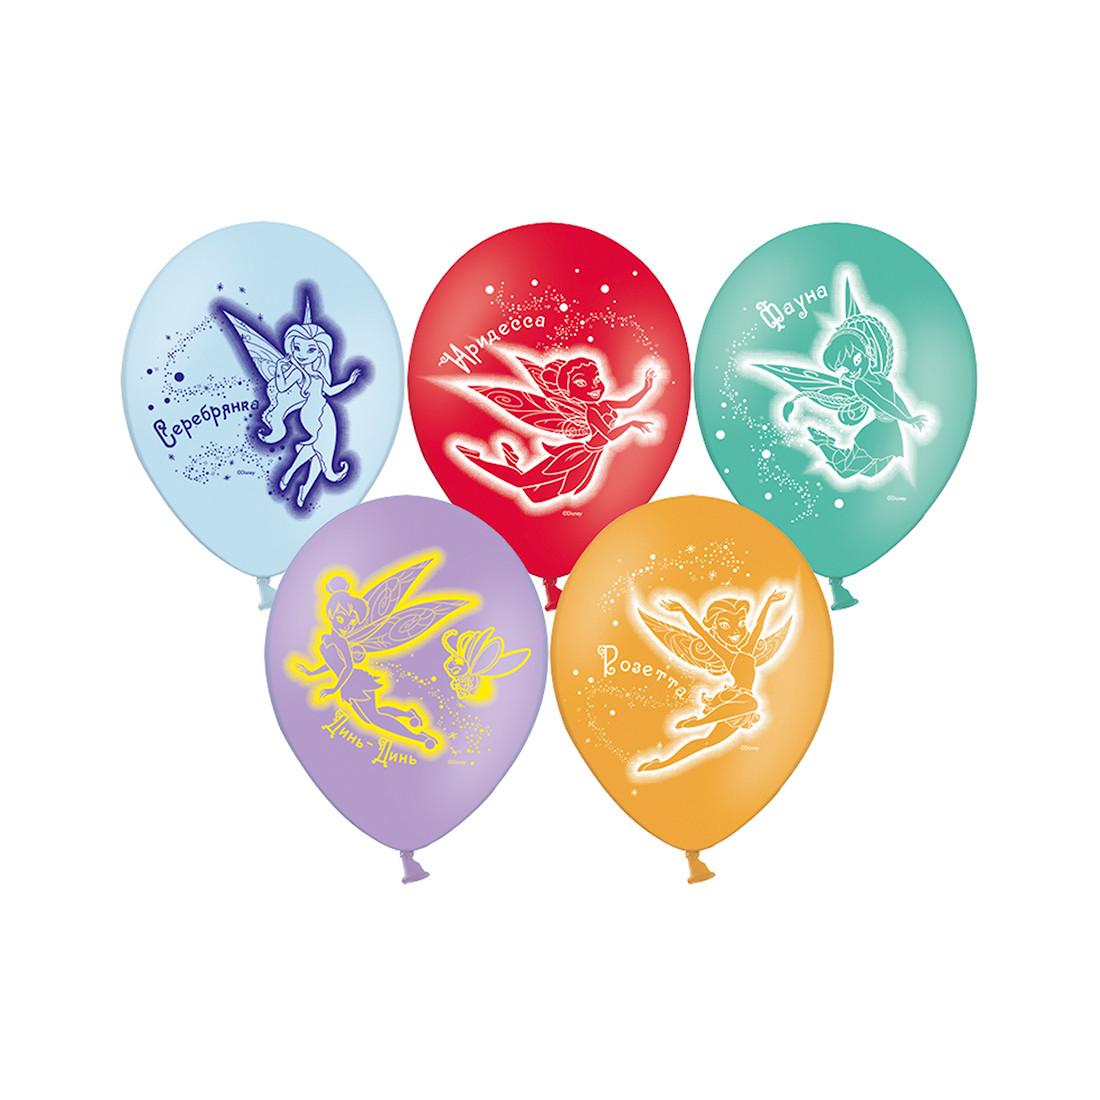 Воздушные шарики феи Disney (5 шт. в пакете), размер 30 см, латекс - фото 1